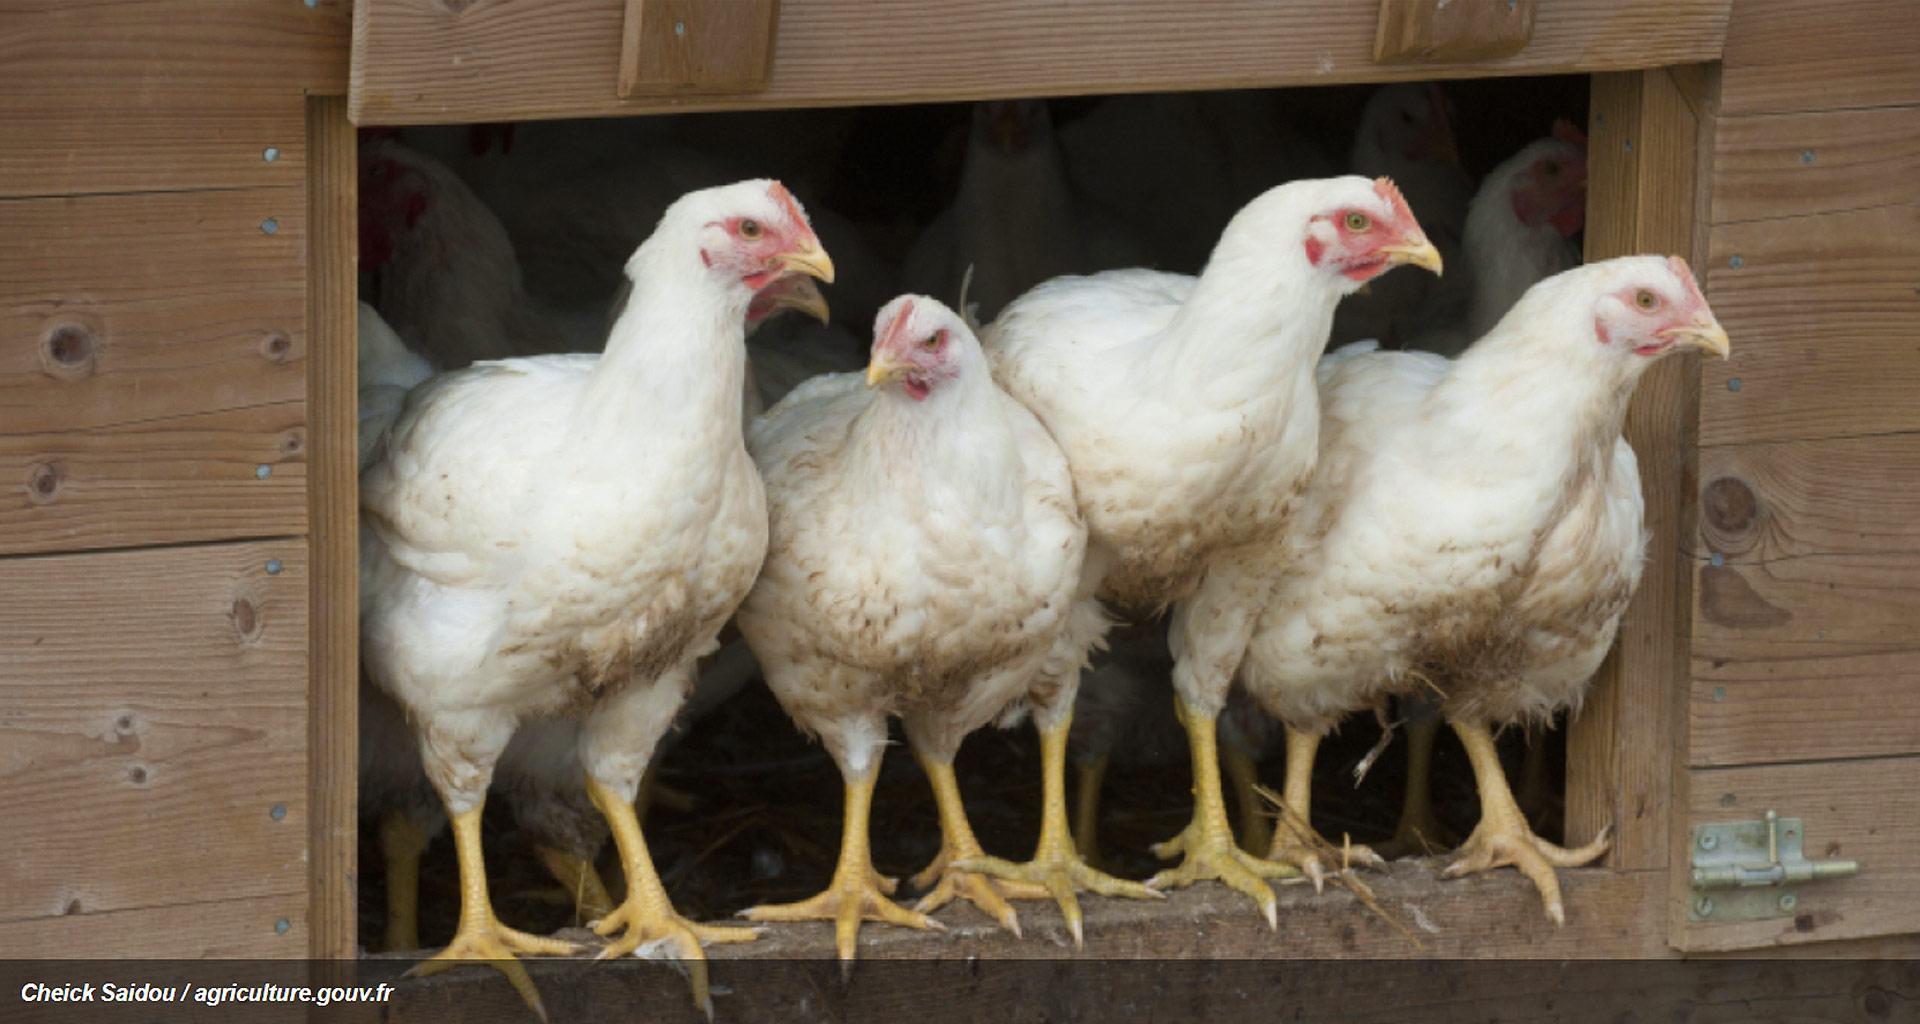 H5N8: Déclaration d'un Foyer d'Influenza aviaire hautement pathogène H5N8 dans une Basse-Cour en Allemagne et Renforcement en France